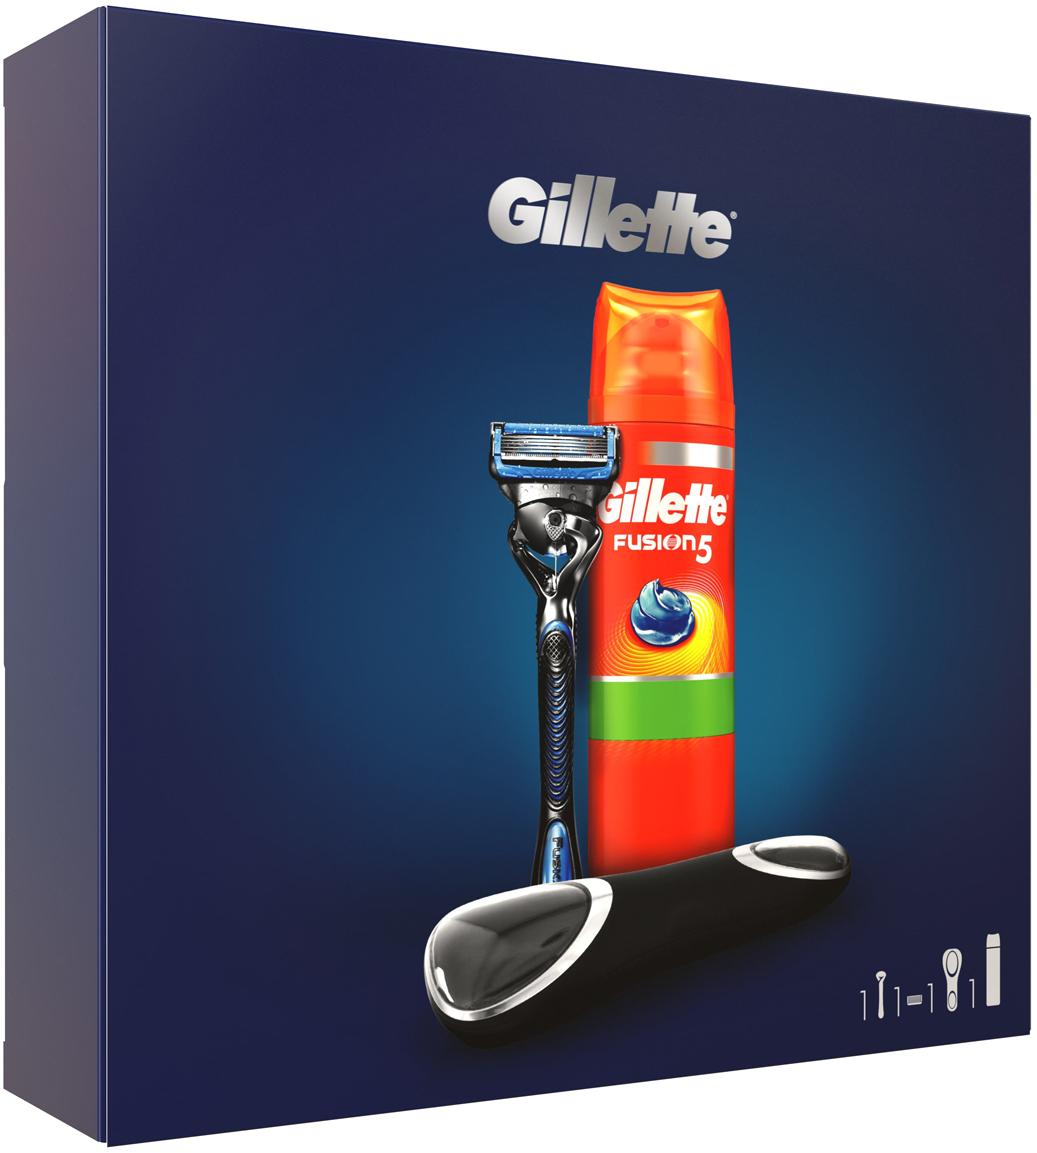 Подарочный набор Gillette Fusion5 ProShield Chill: Бритва, 1 кассета, Гель для бритья для чувствствительной кожи, 200 мл, Дорожный чехол